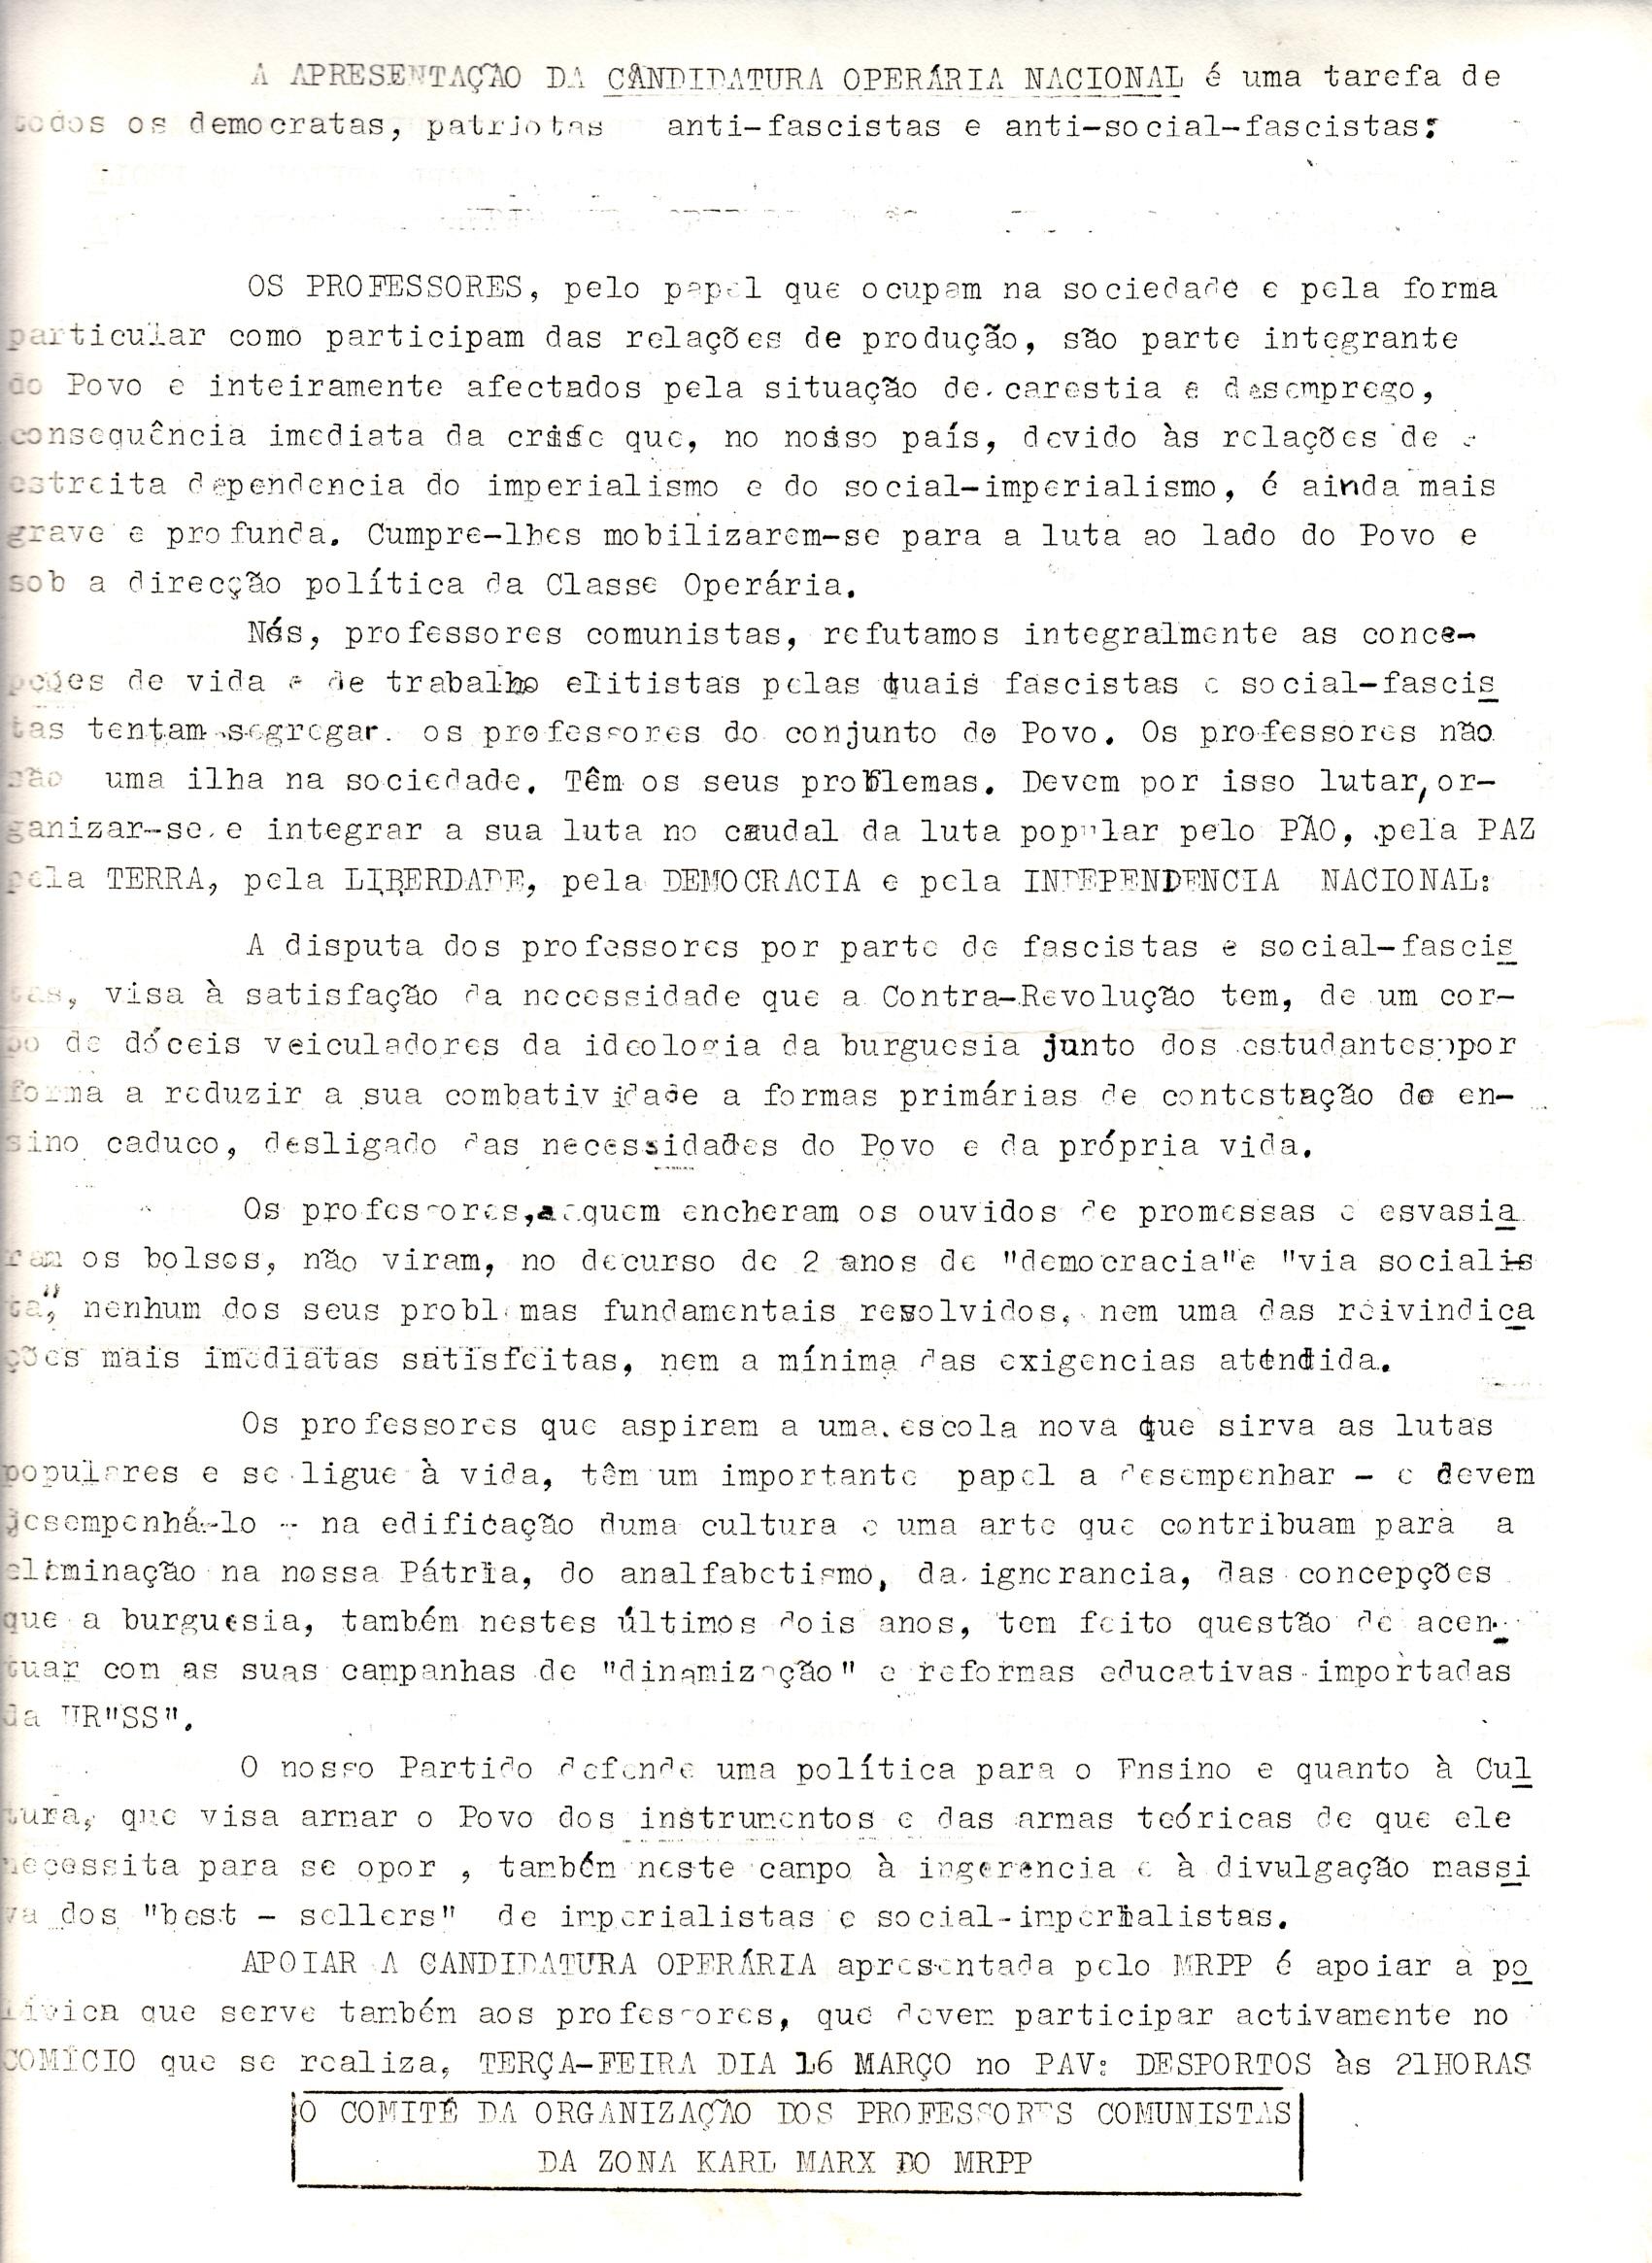 mrpp_1976_eleicao_profs_0003